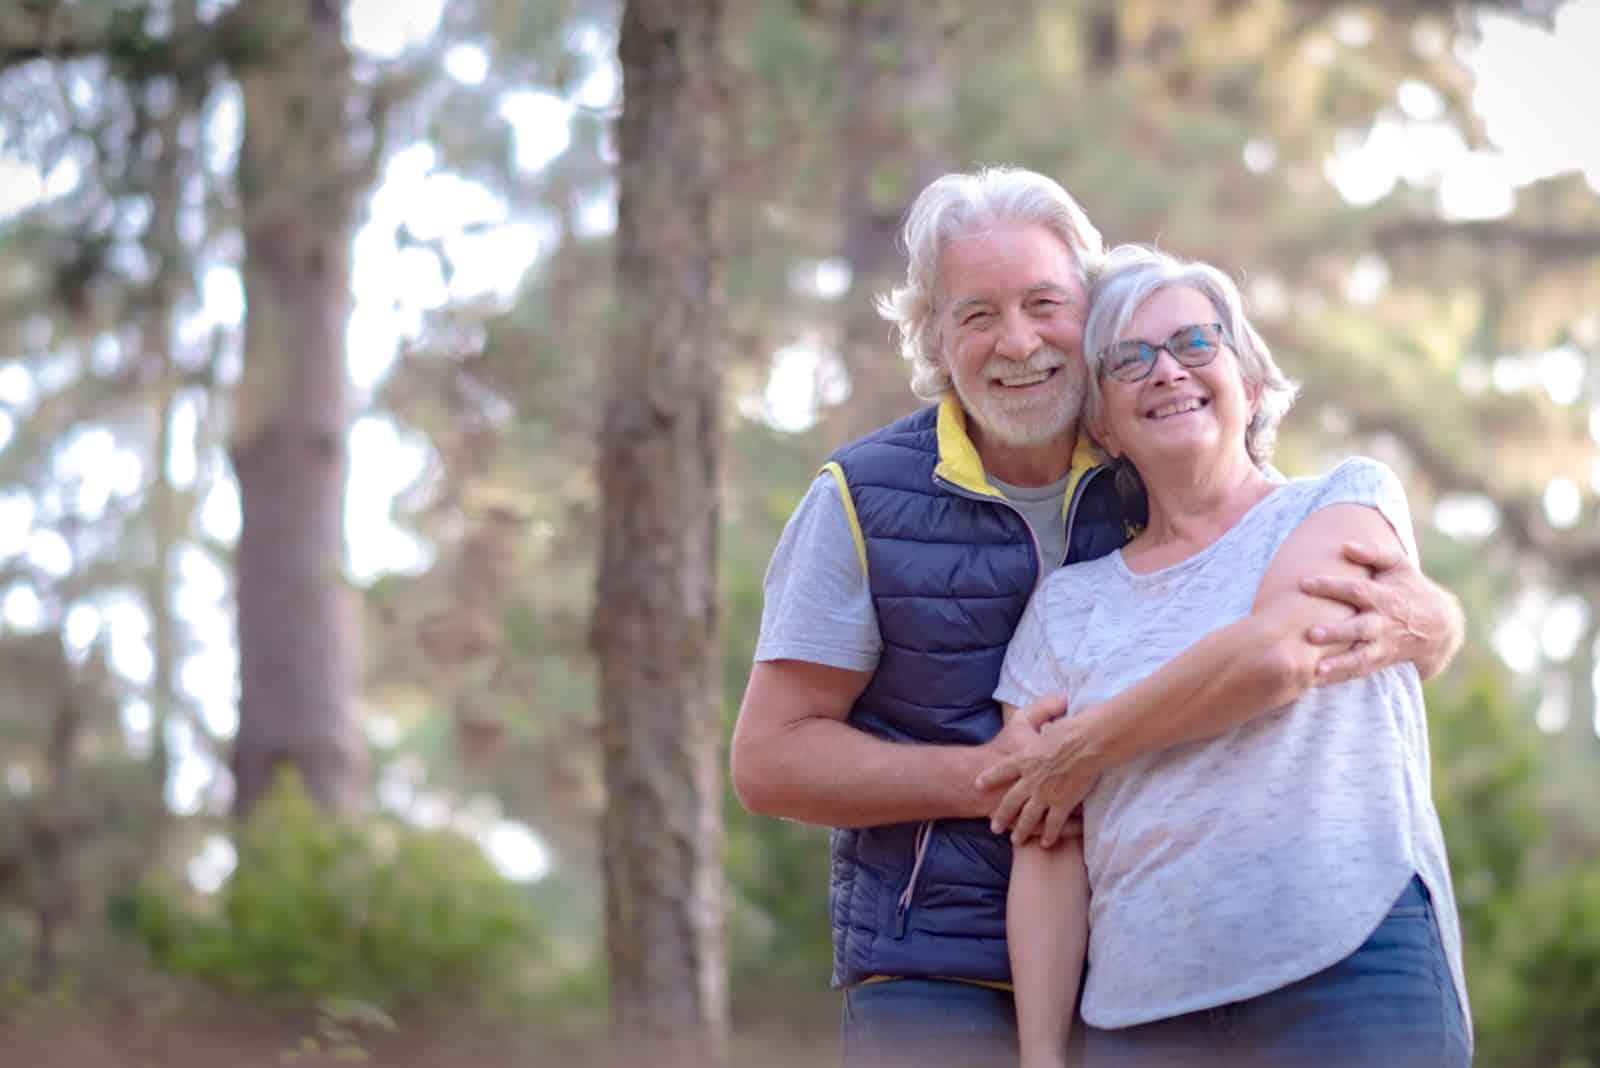 älteres hübsches Paar draußen in einem grünen Wald